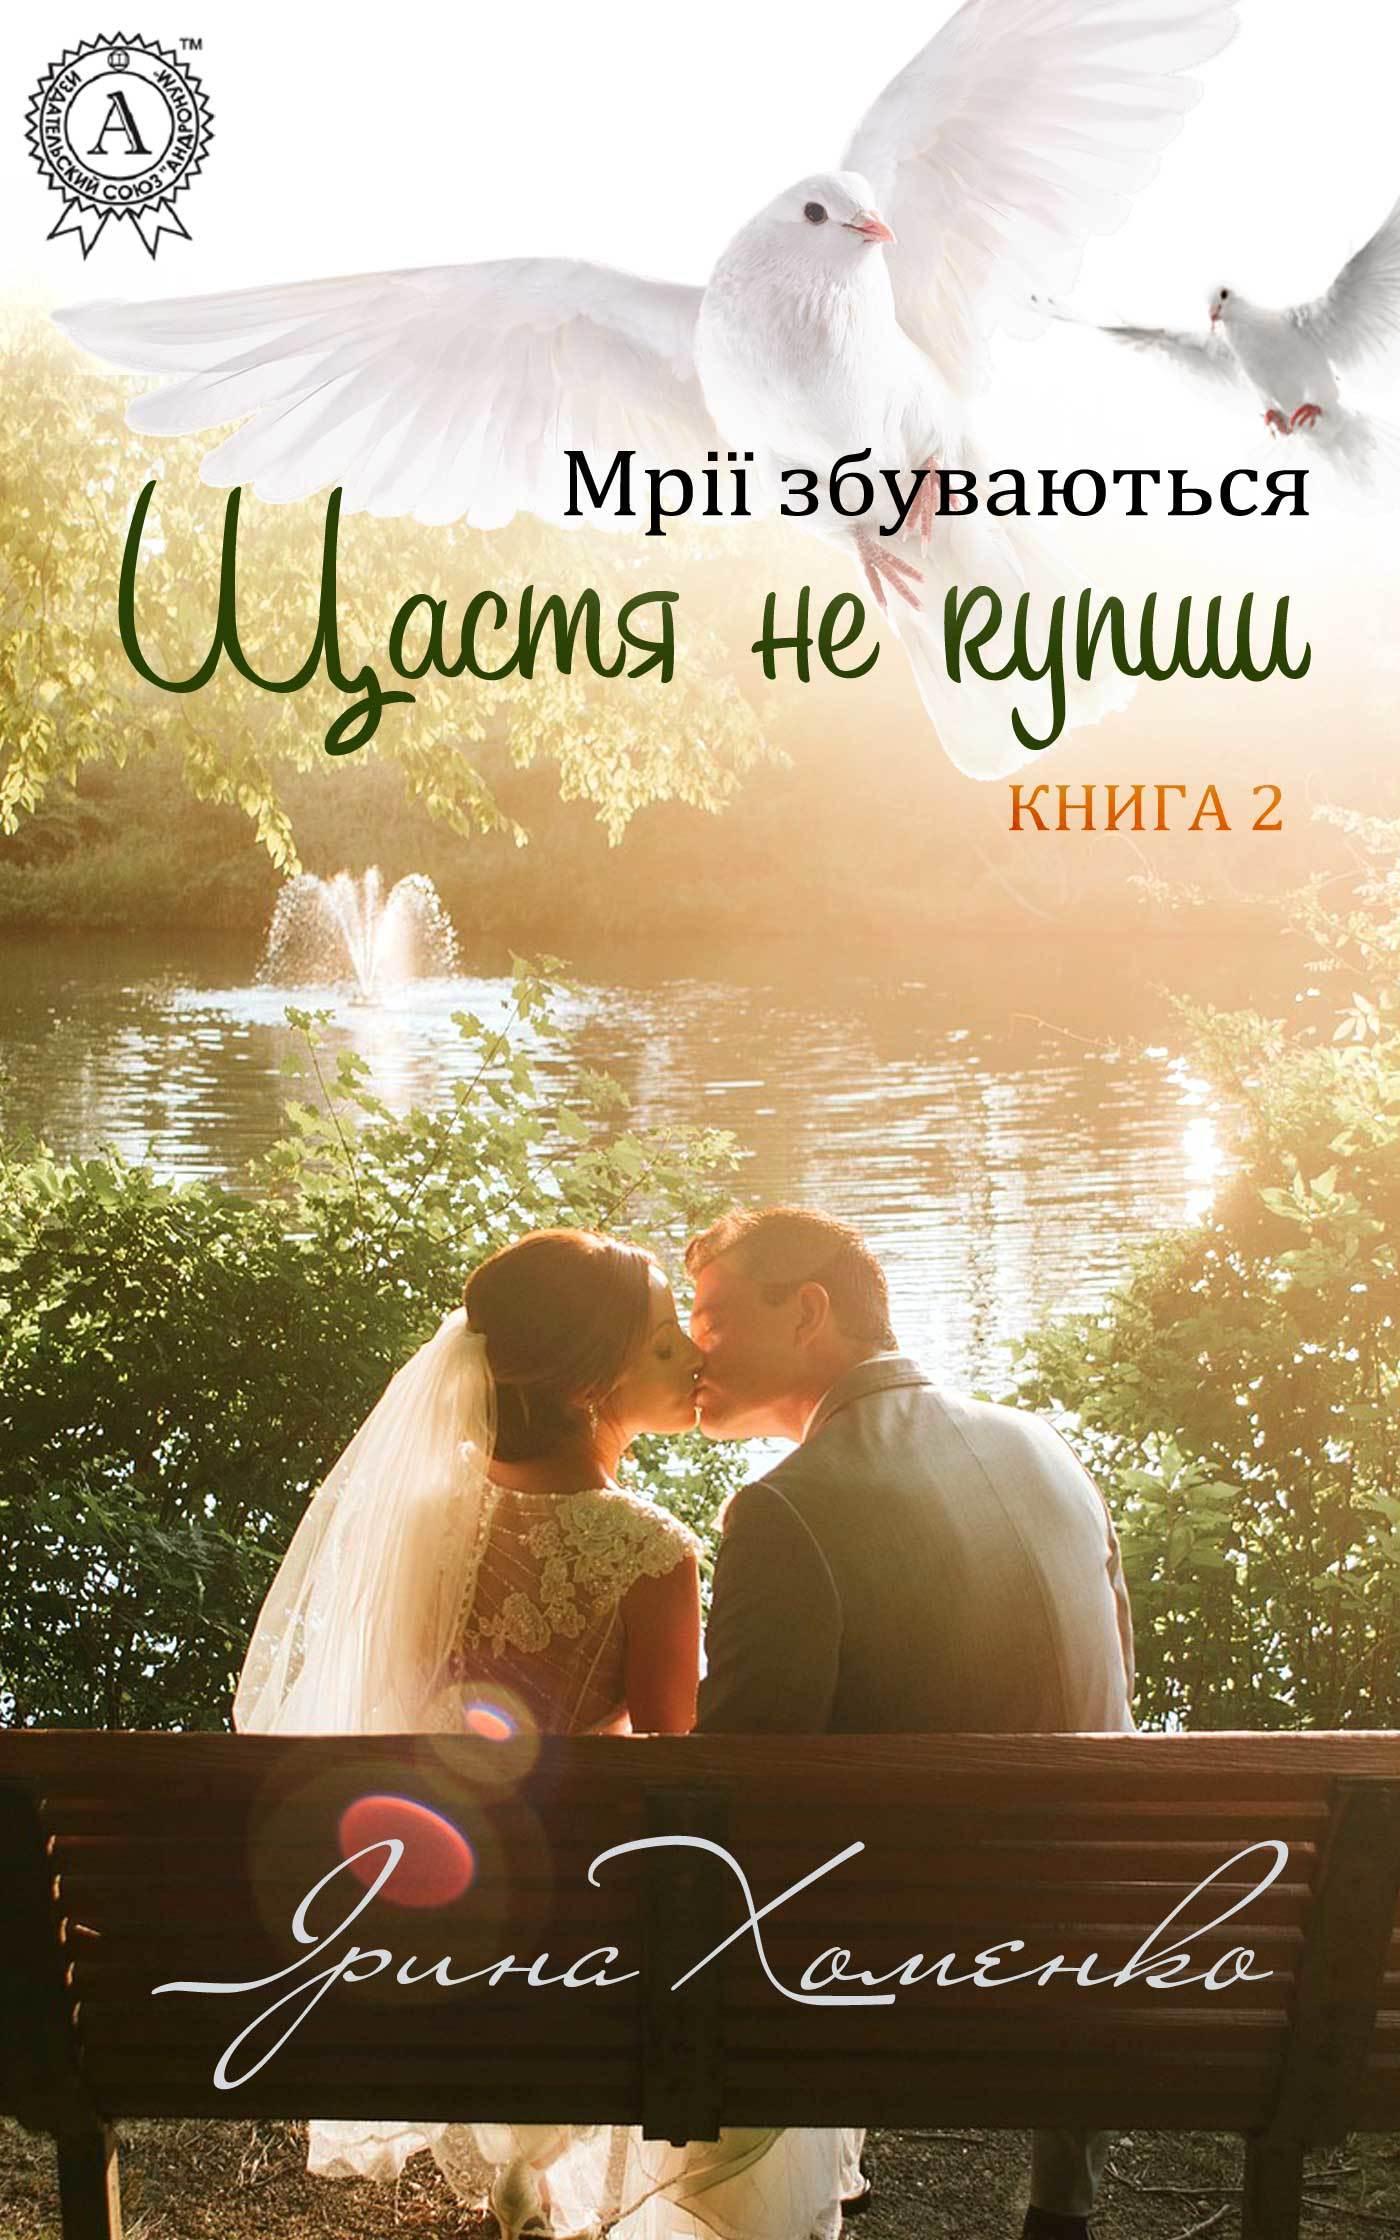 рина Хоменко бесплатно